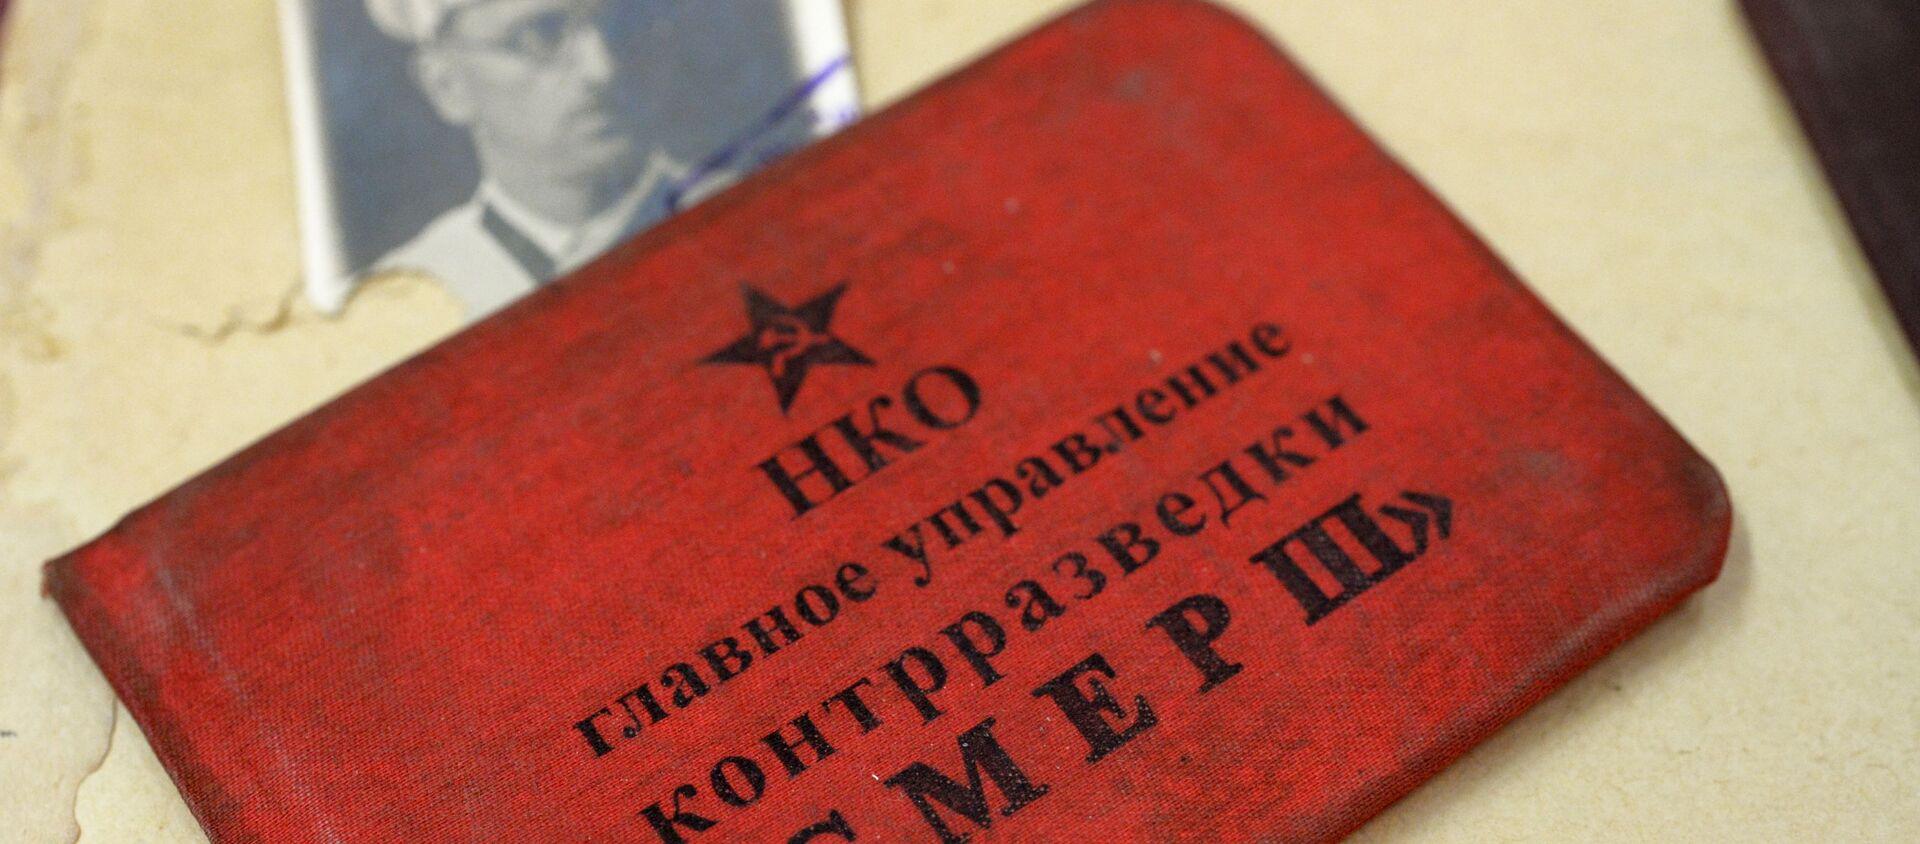 Smersh, el servicio secreto soviético de la Gran Guerra Patria  - Sputnik Mundo, 1920, 03.12.2020